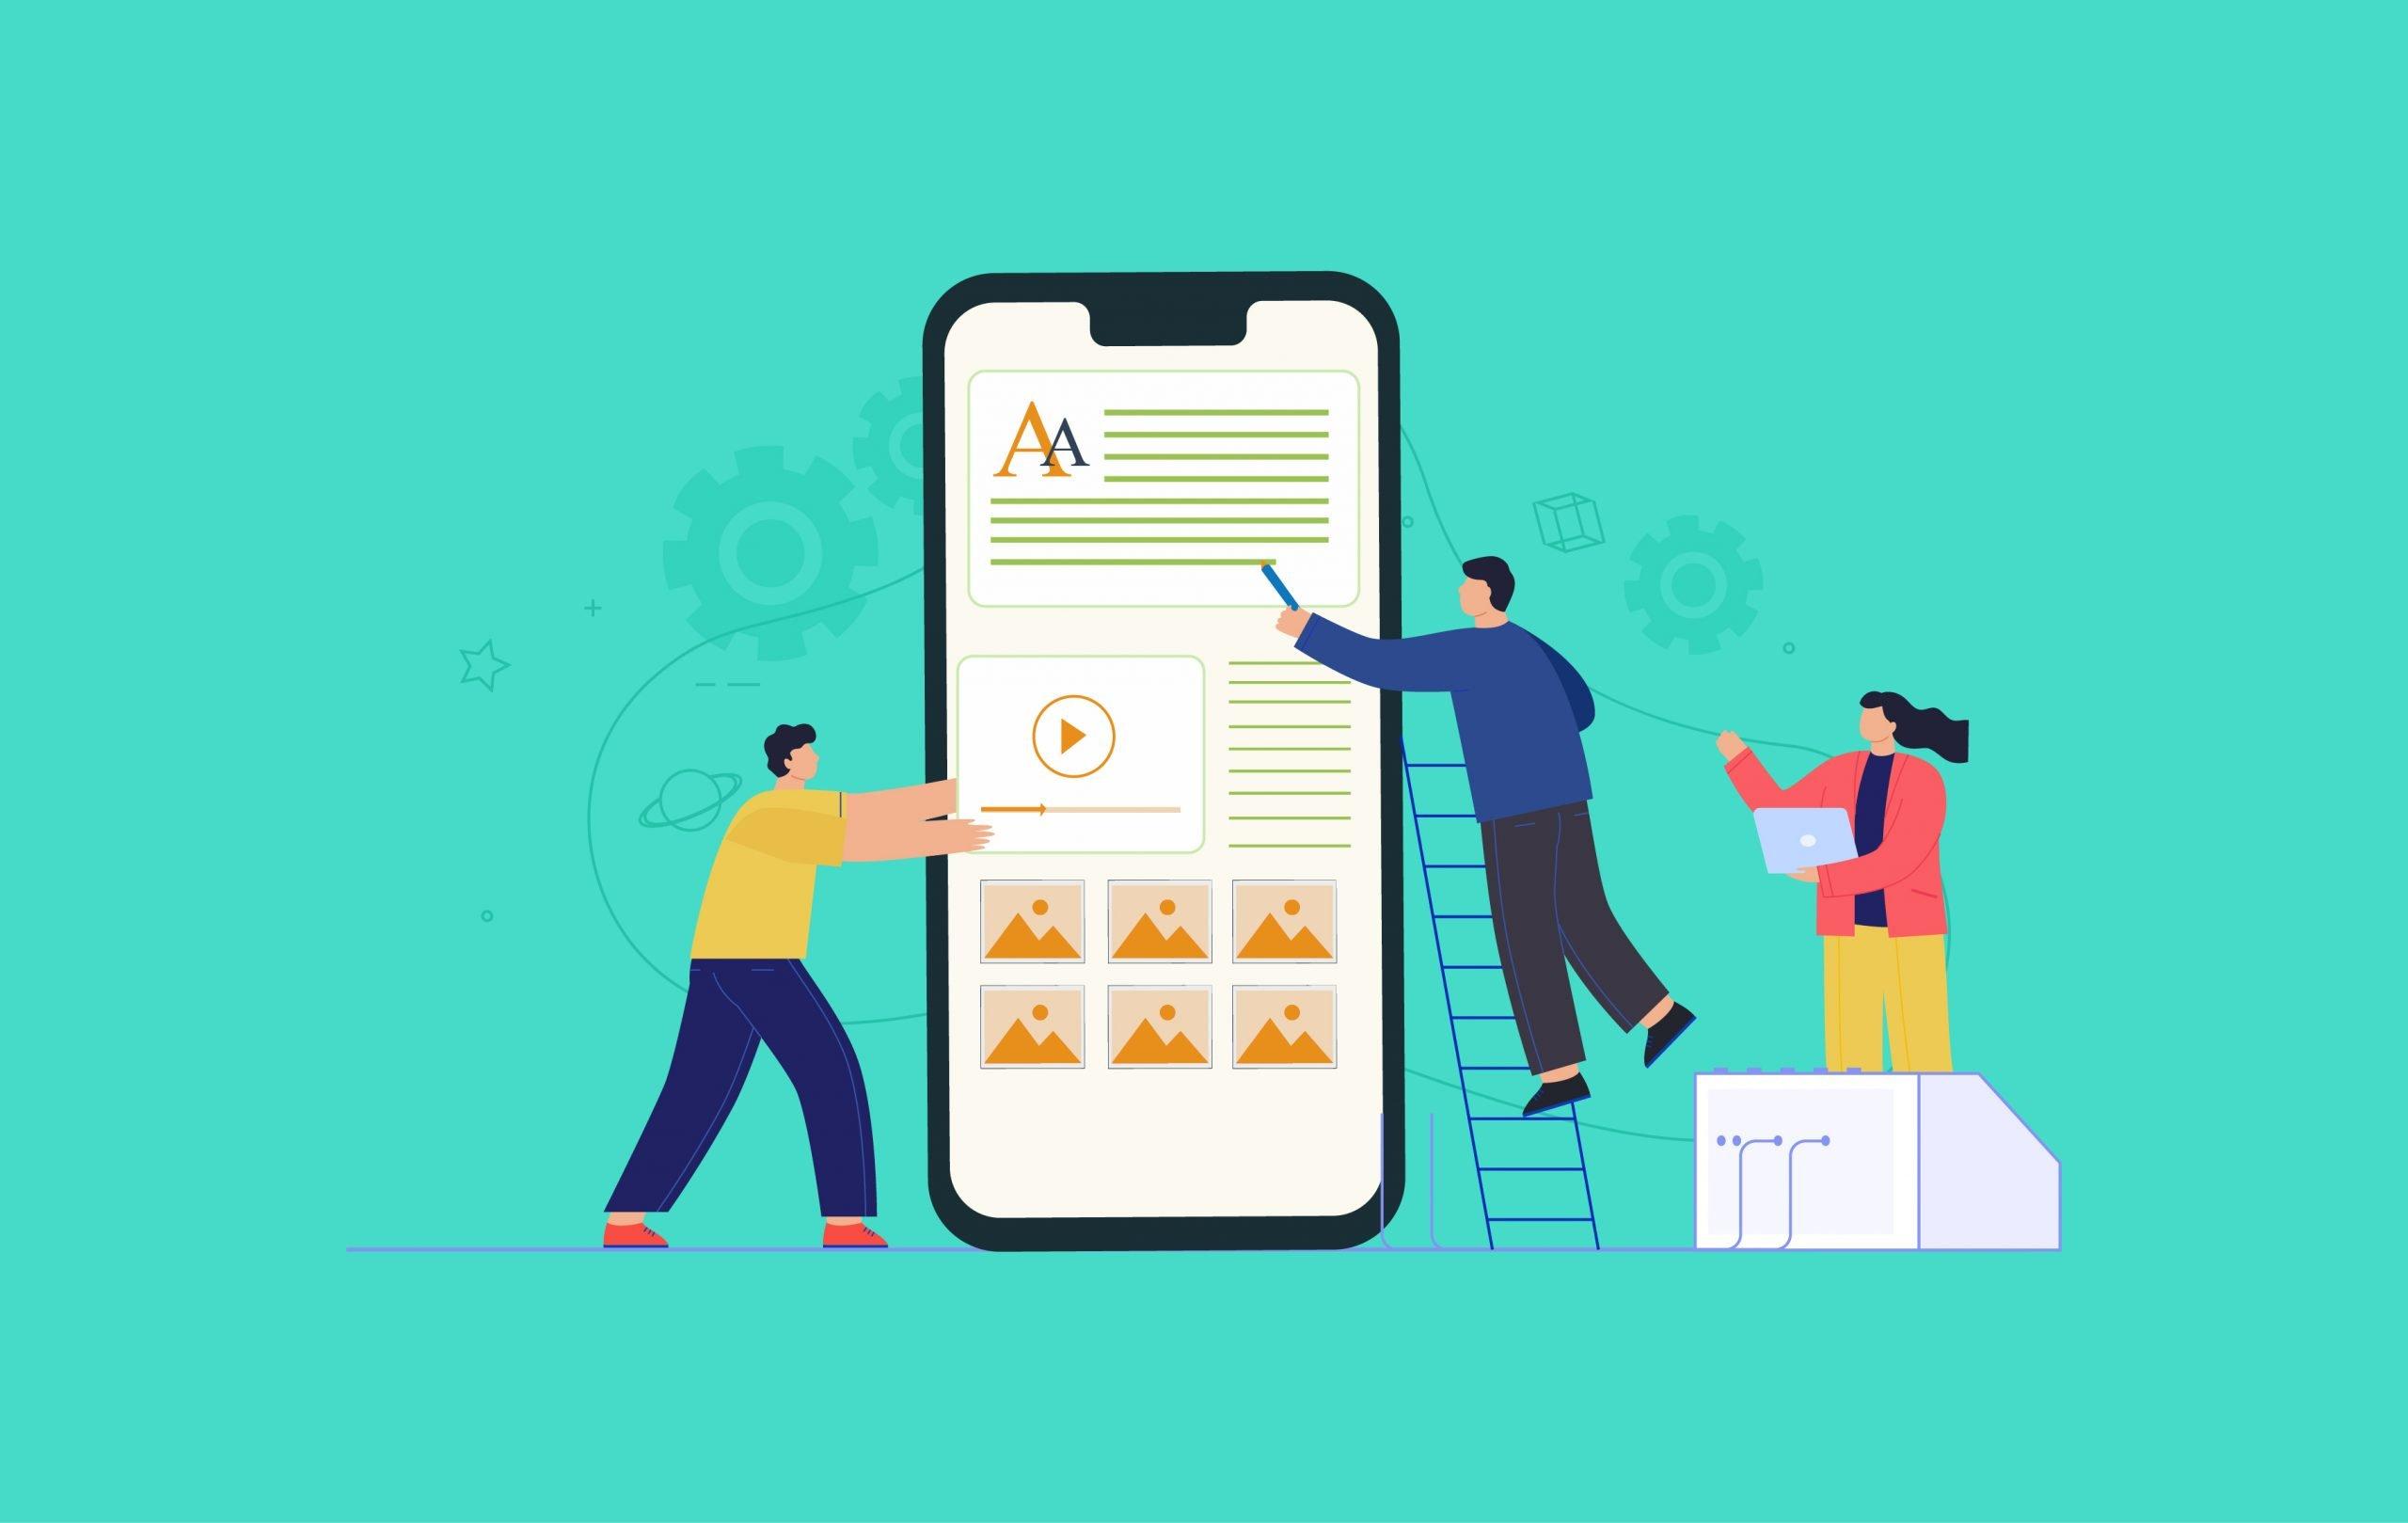 Mobile Uygulama (App) Geliştirme Süreçleri Rehberi – 2021